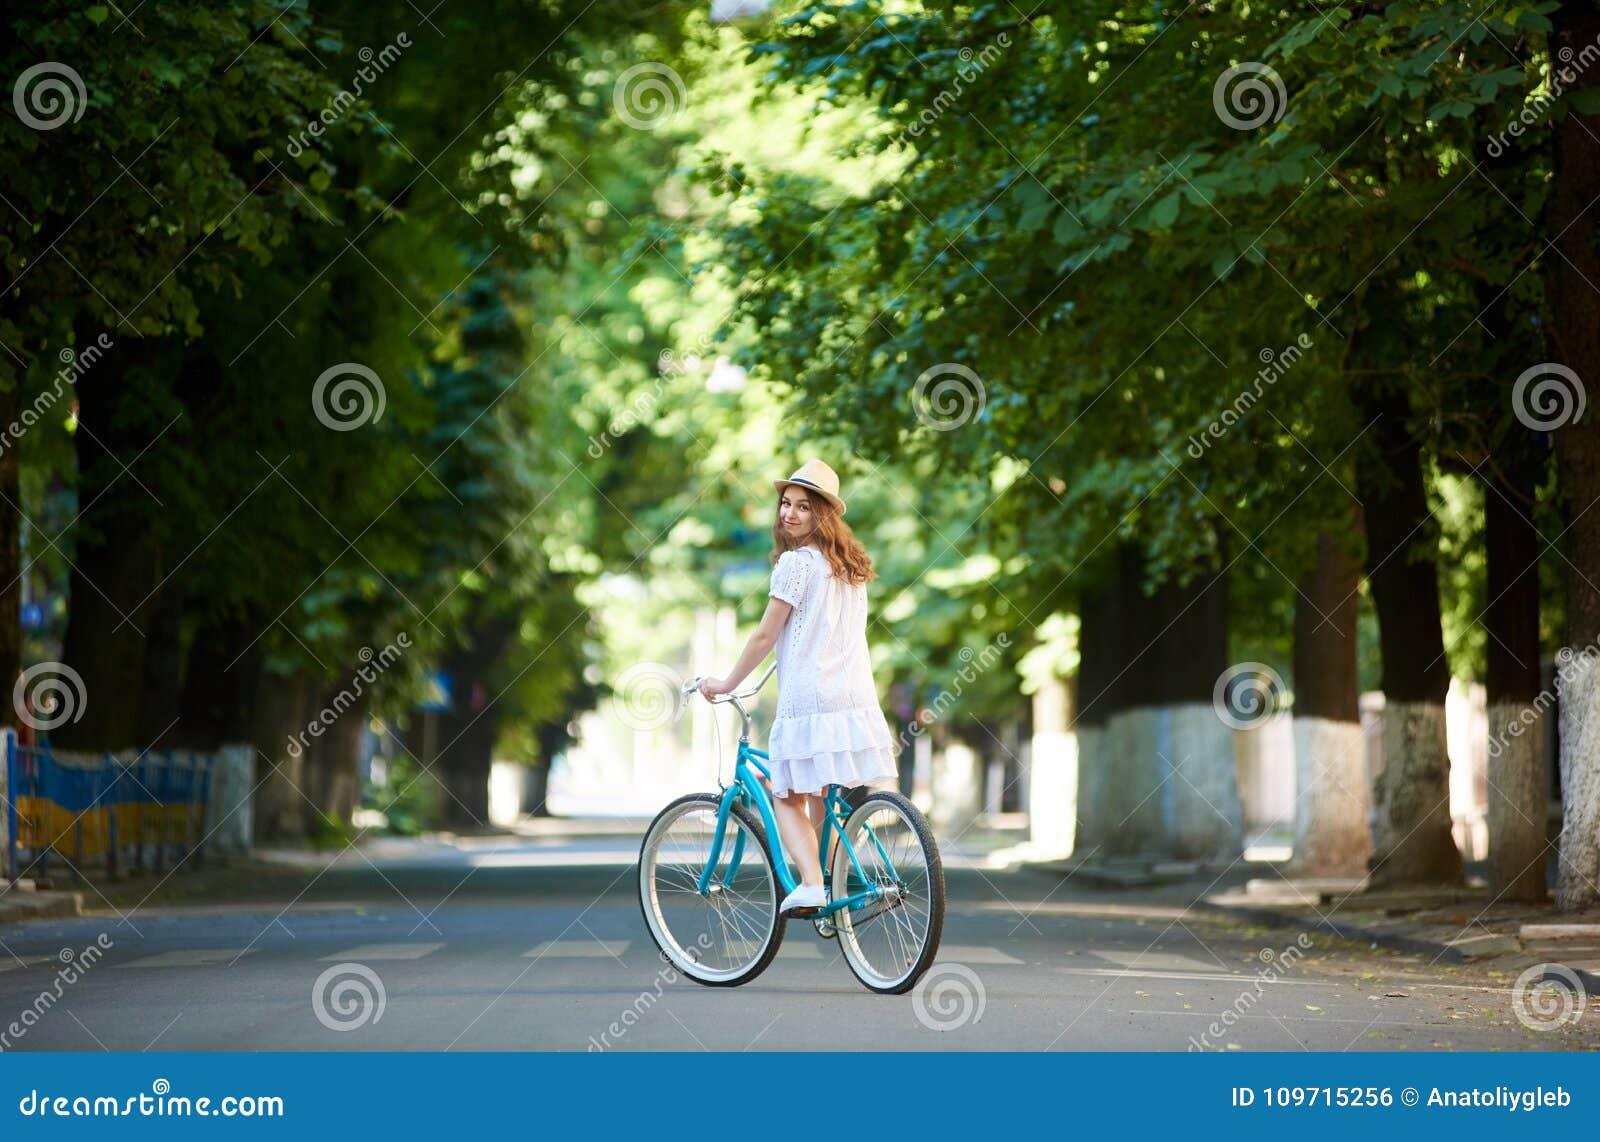 Зеленая городская посадка Езды женщины на велосипеде самостоятельно на дороге